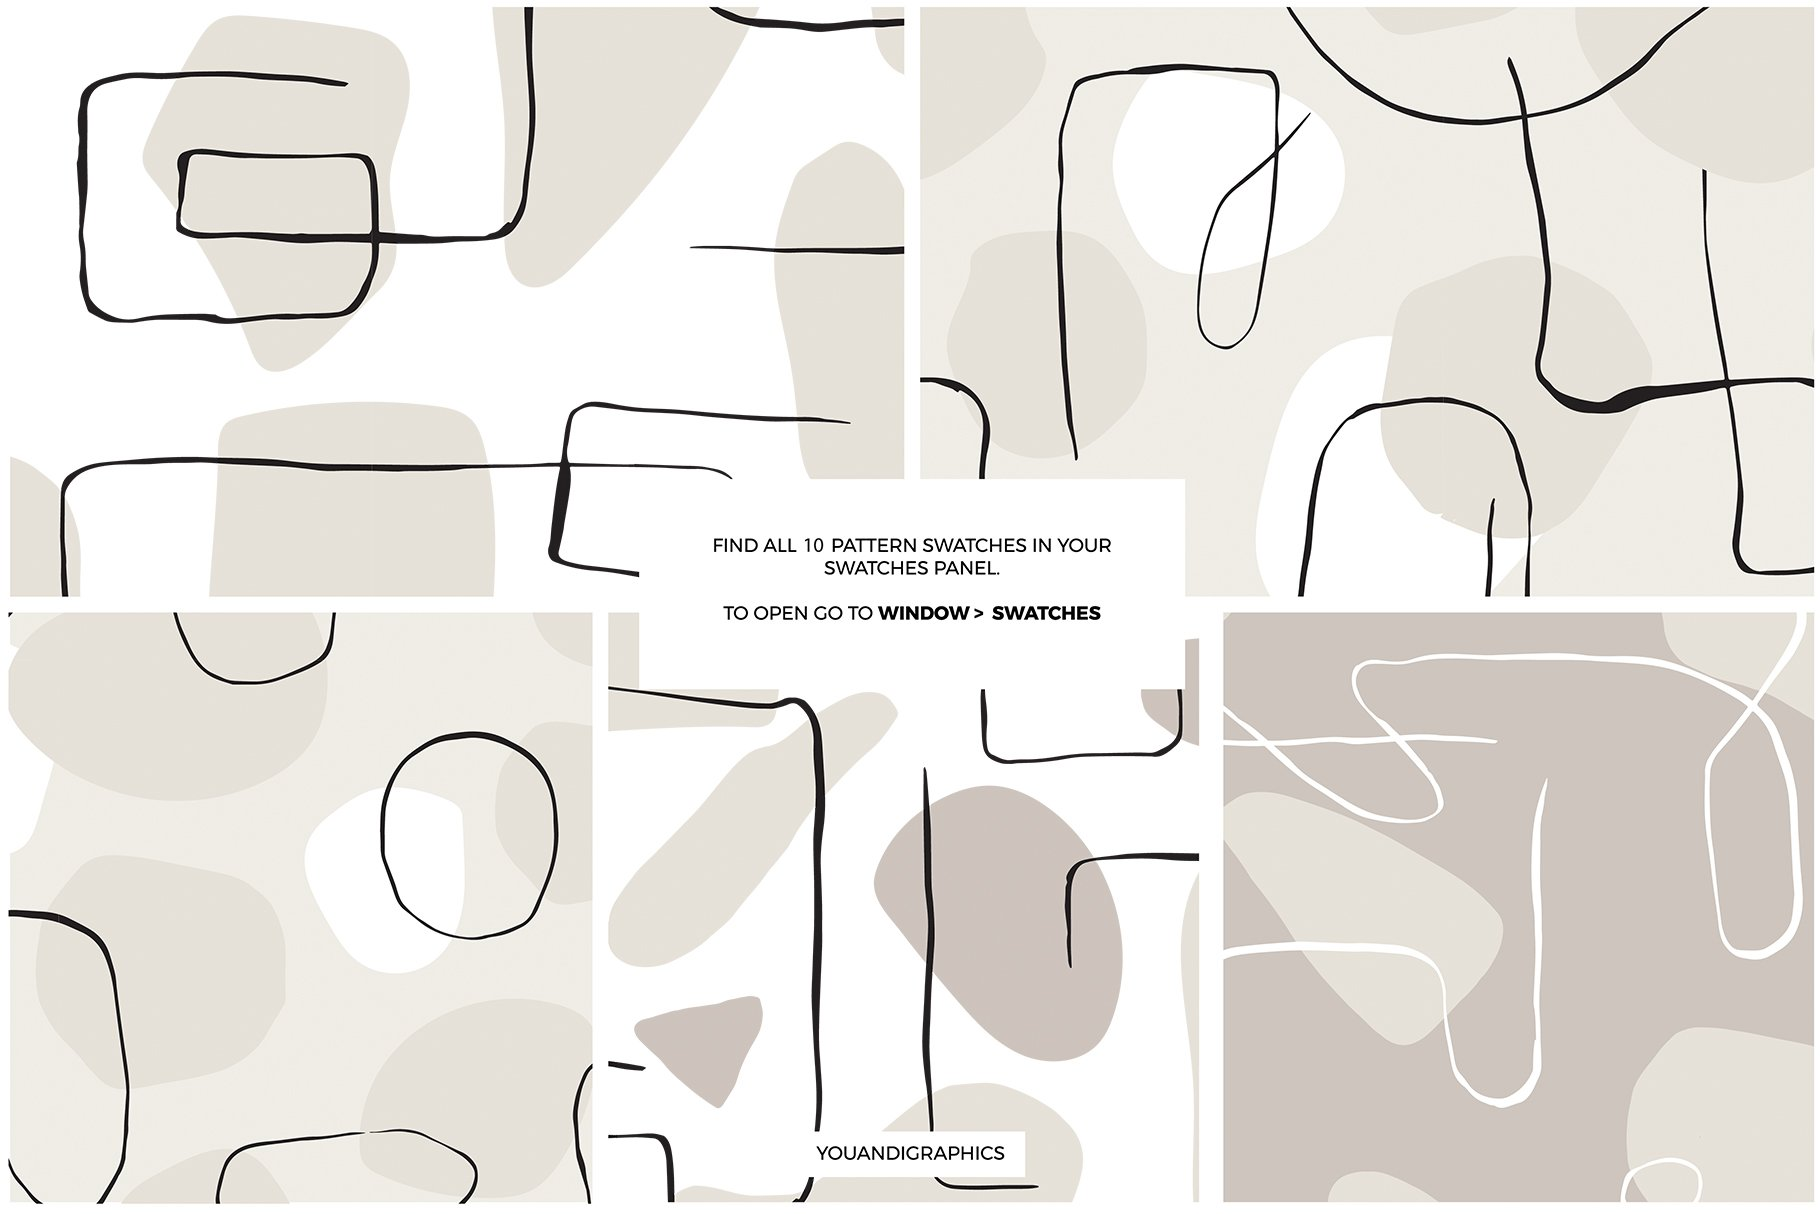 抽象艺术线条无缝隙矢量图案设计素材 Abstract Line Art Seamless Patterns插图9